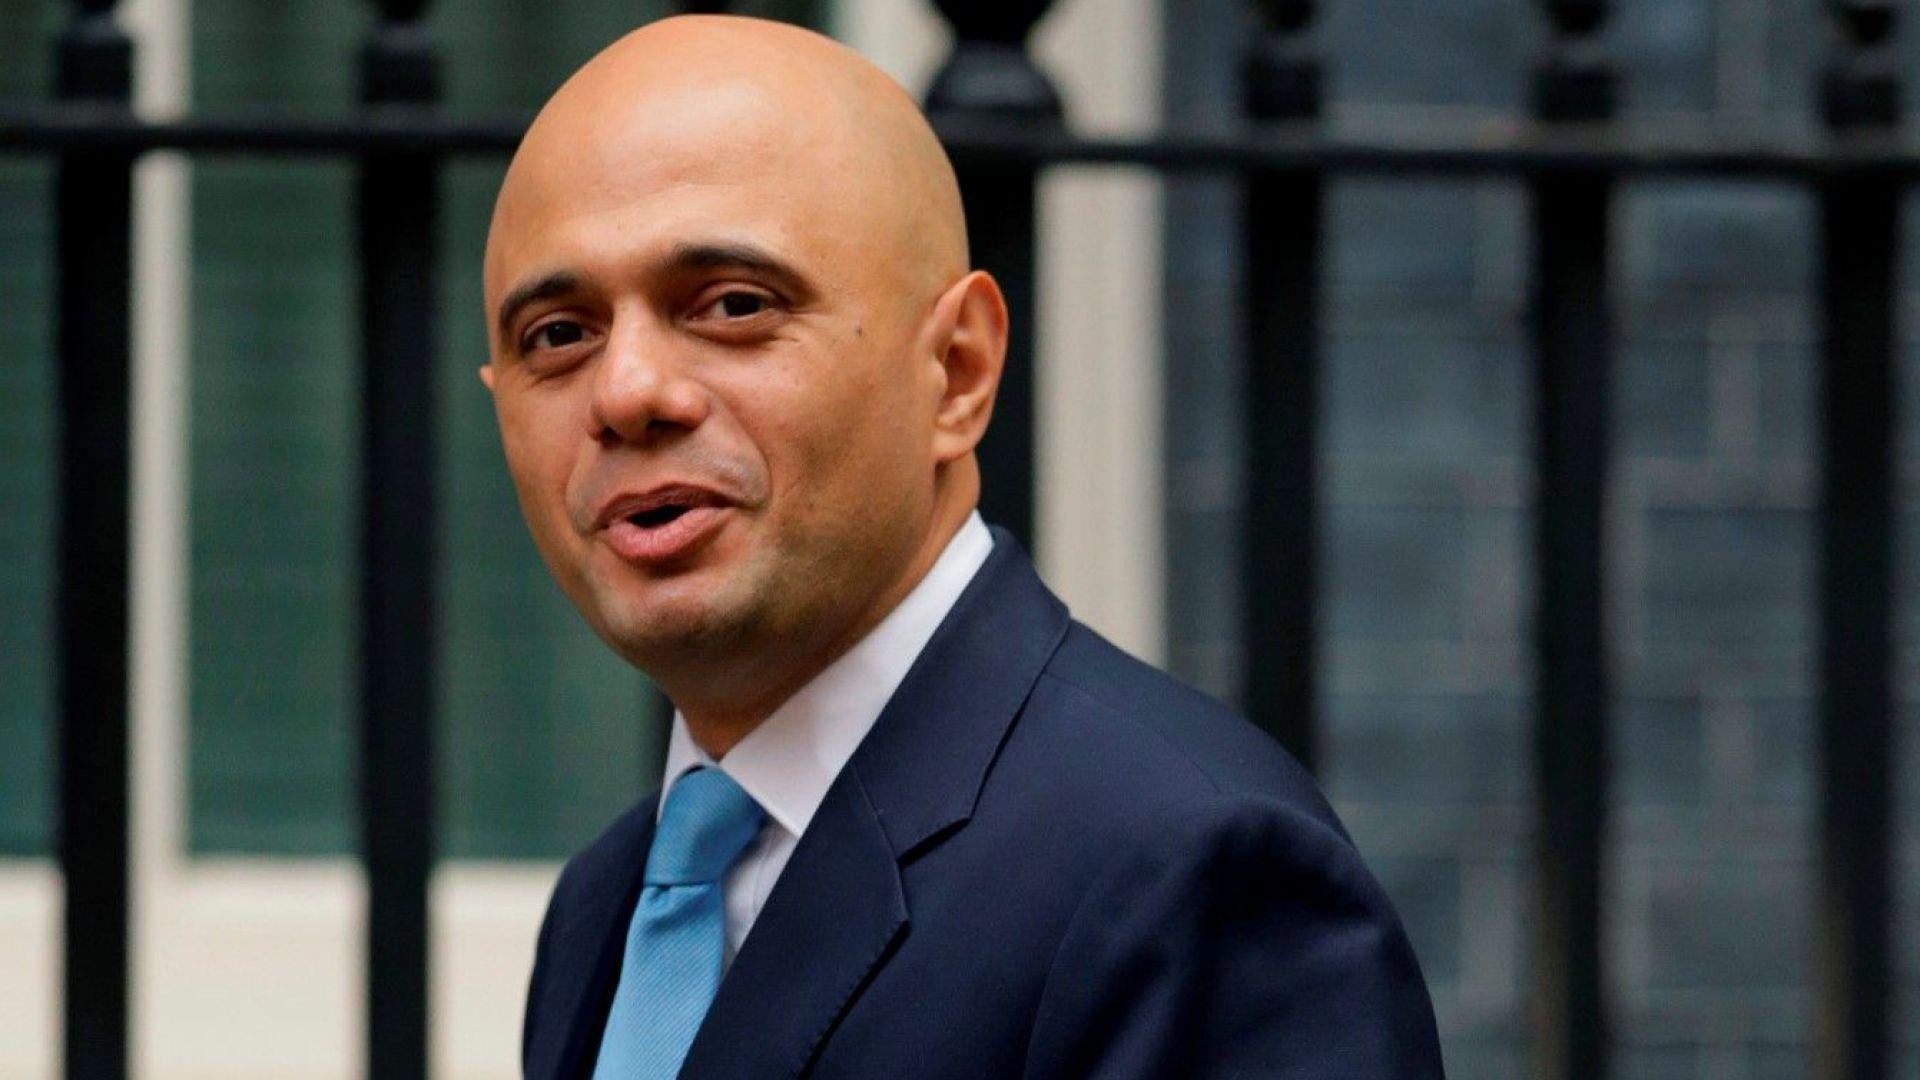 Син на пакистански шофьор стана вътрешен министър на Великобритания